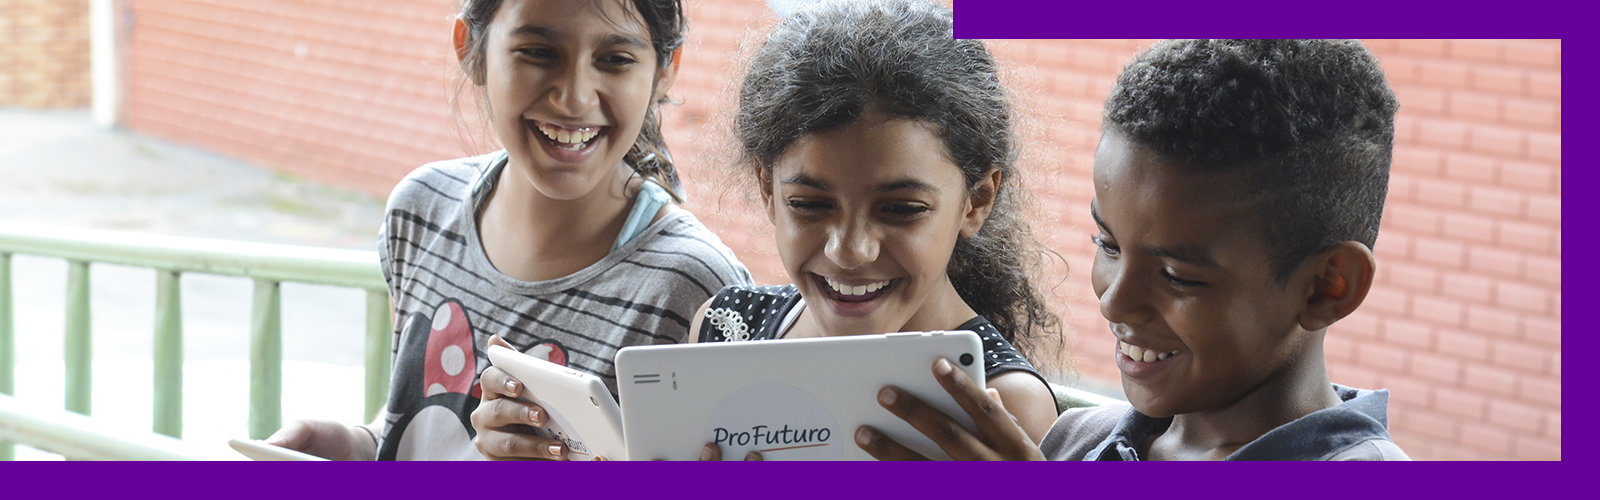 crianças na escola usando o tablet do programa ProFuturo